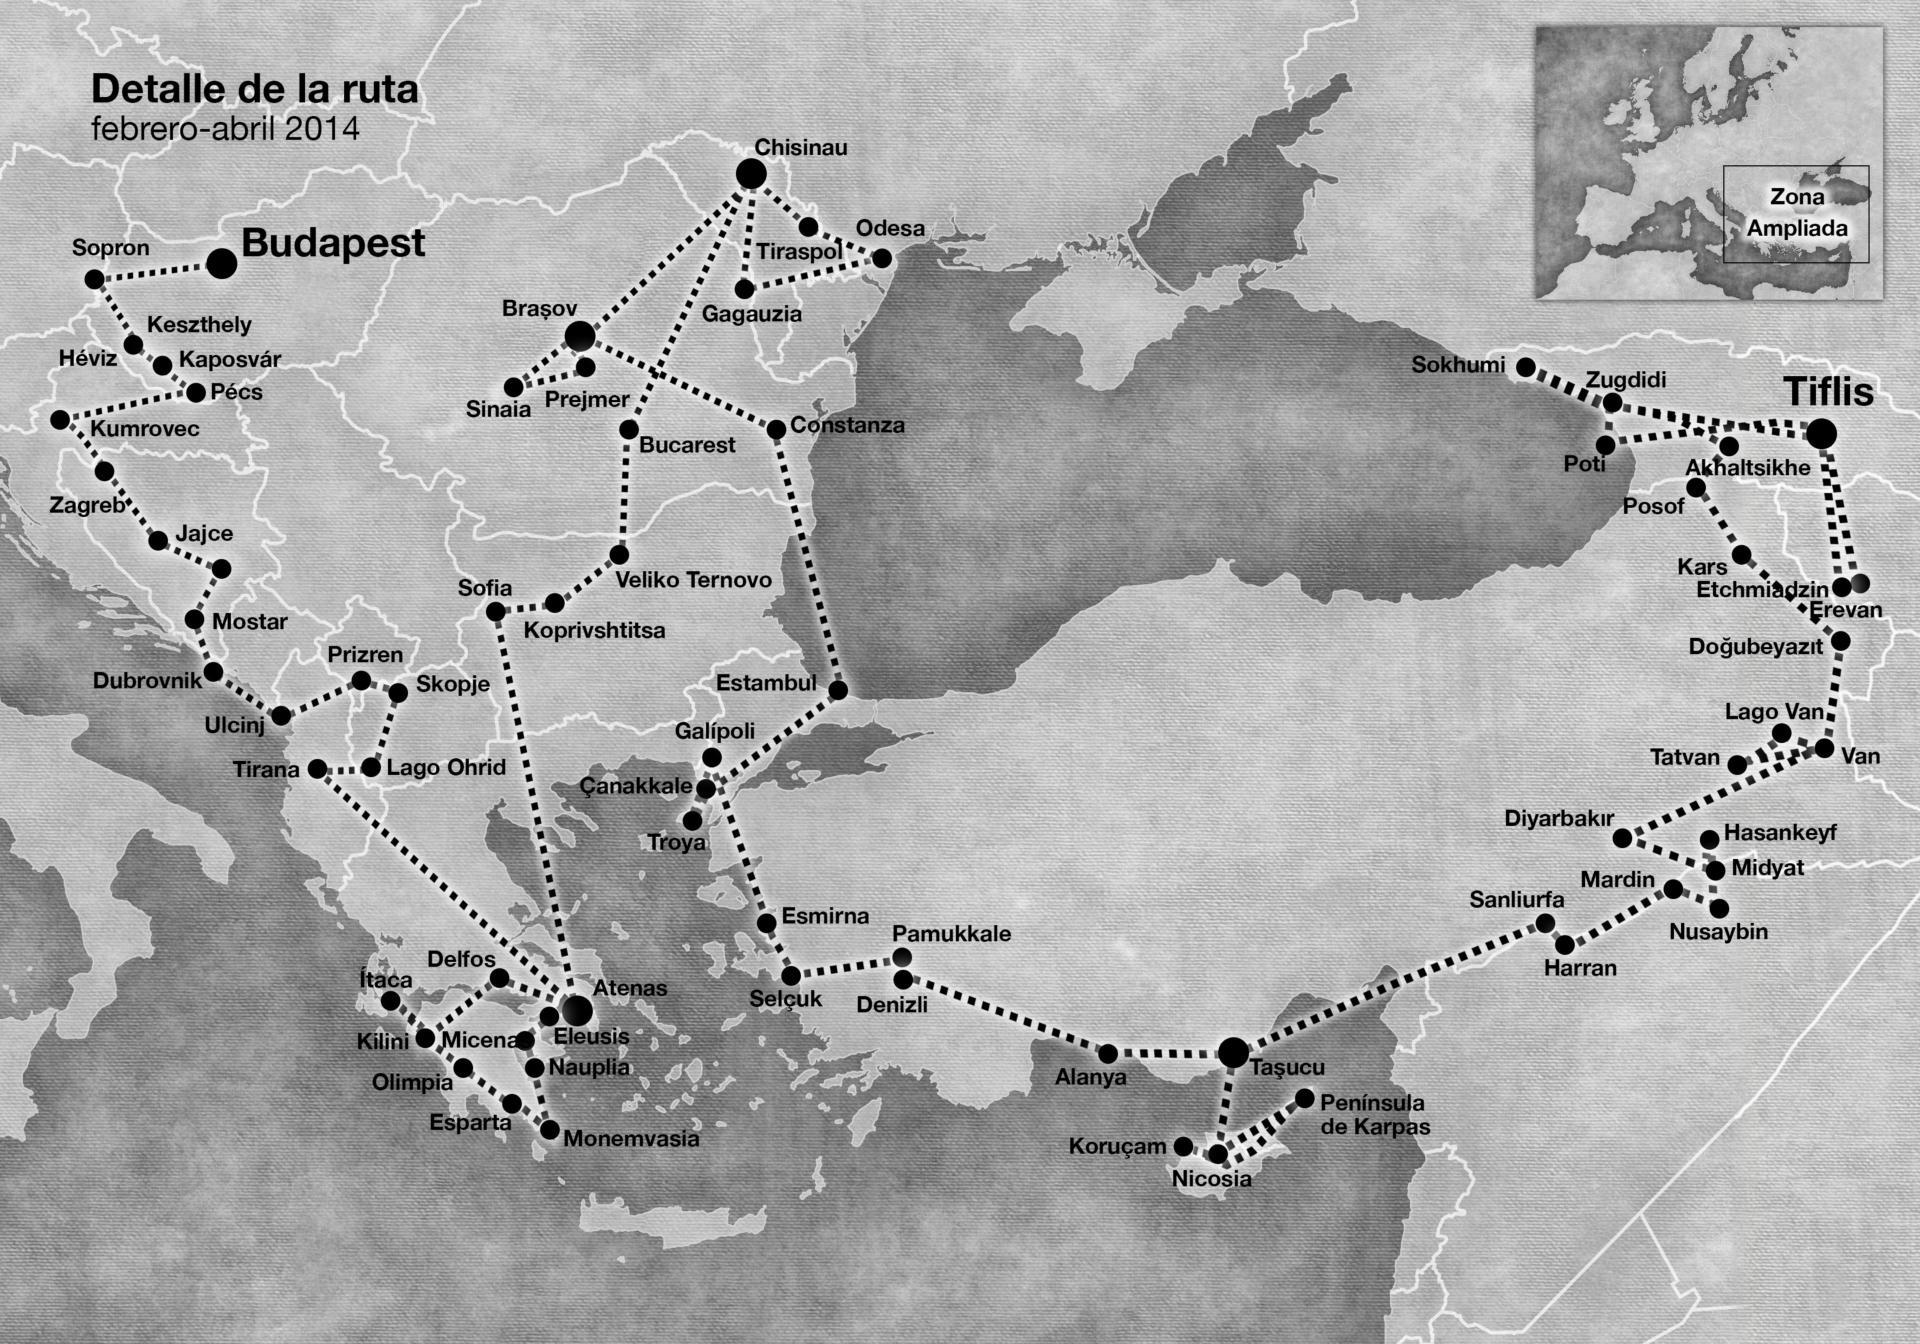 mapa polifemo vive al este